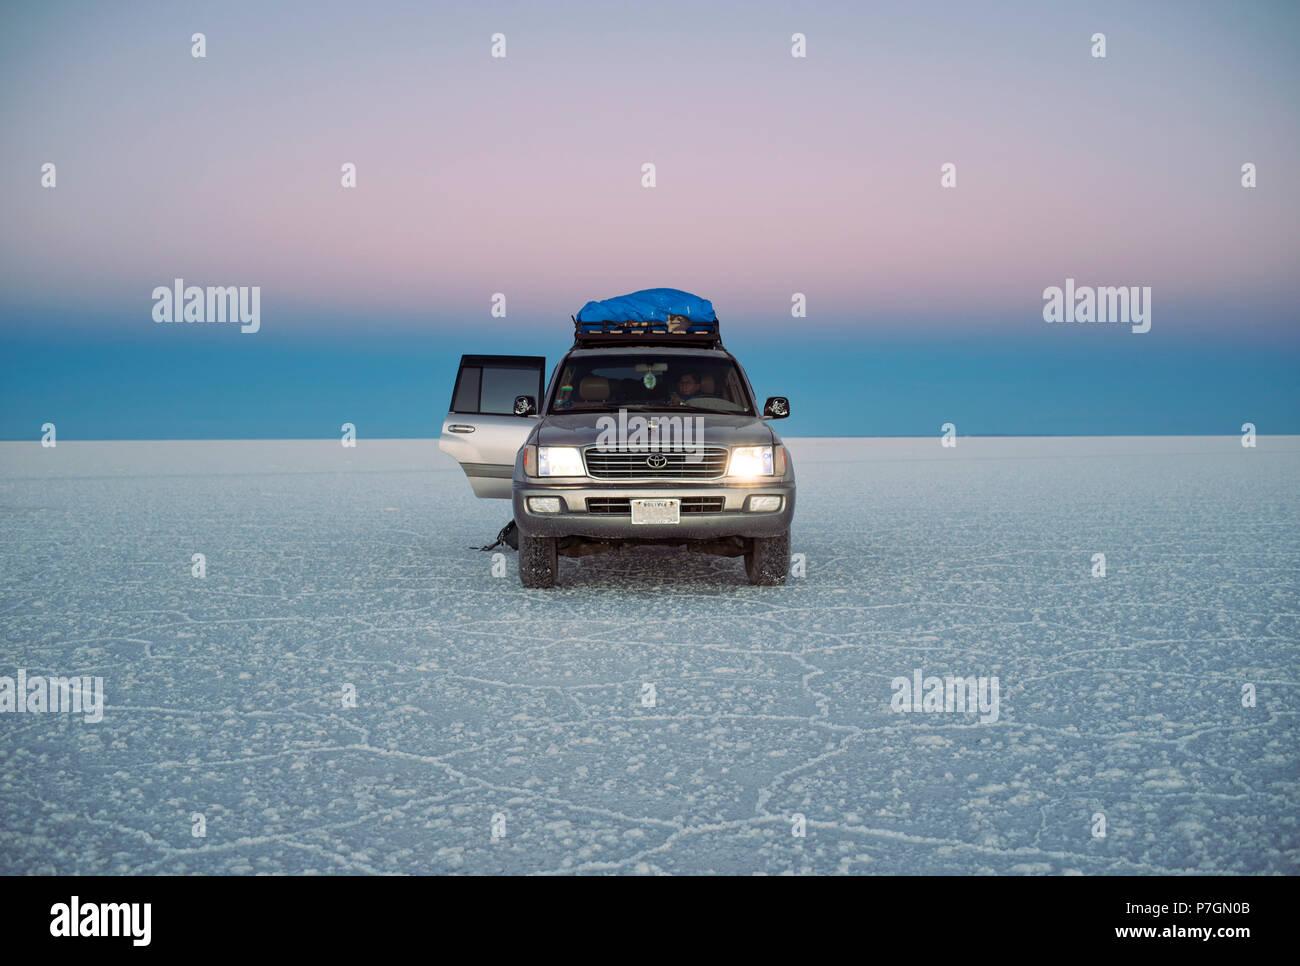 Land Cruiser during twilight in Uyuni salt flats (Salar de Uyuni) Bolivia, South America. Jun 2018 - Stock Image